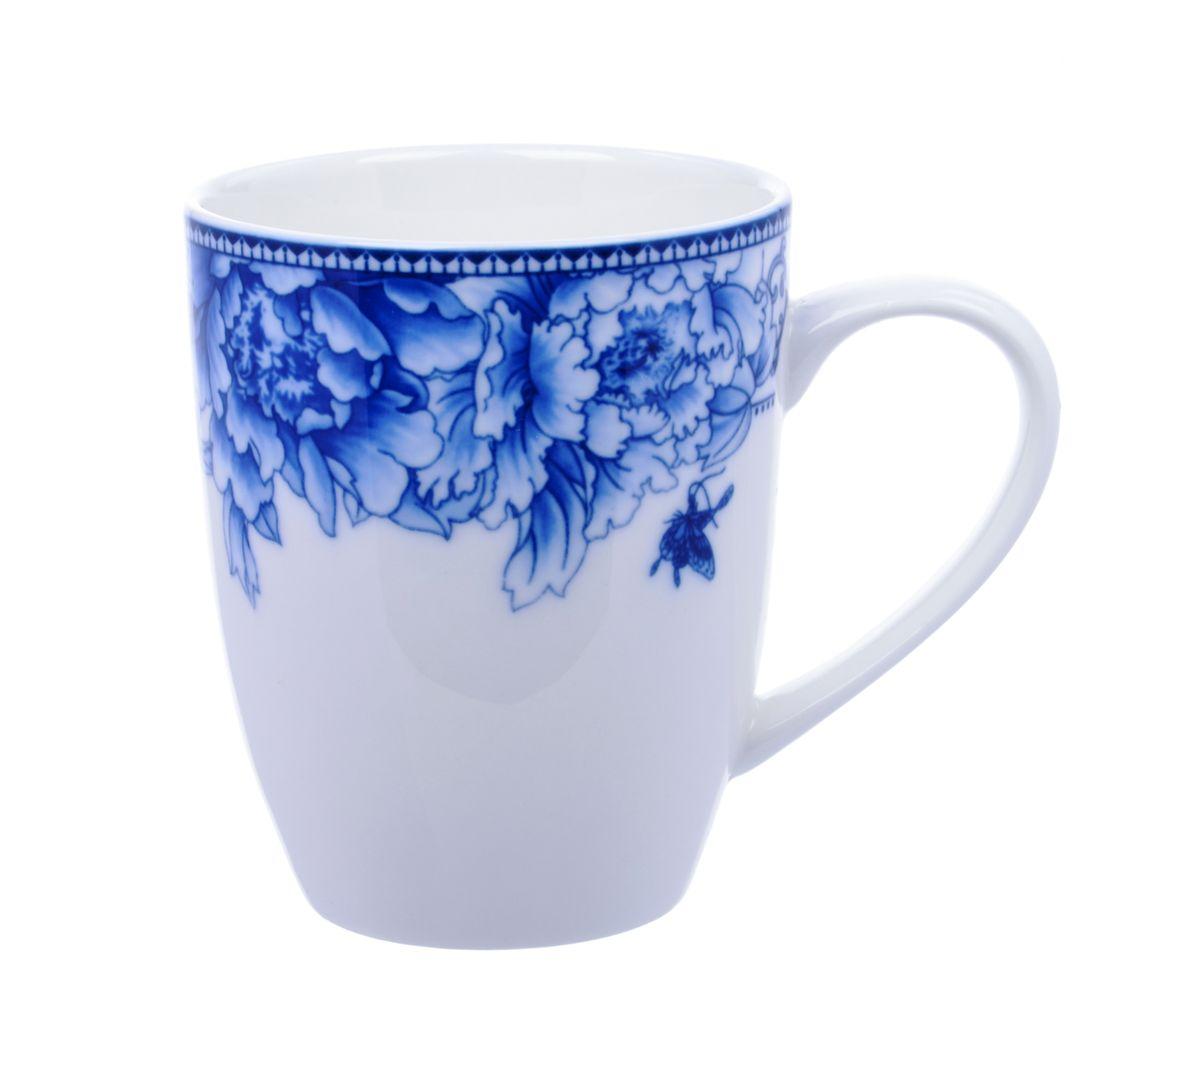 Кружка Nanshan Porcelain Наньшань, 300 мл115510Кружка Nanshan Porcelain Наньшань, выполненная из высококачественной керамики, декорирована цветочным узором. Изделие оснащено удобной ручкой. Кружка сочетает в себе оригинальный дизайн и функциональность. Благодаря такой кружке пить напитки будет еще вкуснее. Кружка Nanshan Porcelain Наньшань согреет вас долгими холодными вечерами. Можно использовать в посудомоечной машине и микроволновой печи. Объем: 300 мл.Диаметр (по верхнему краю): 8 см.Высота кружки: 10 см.